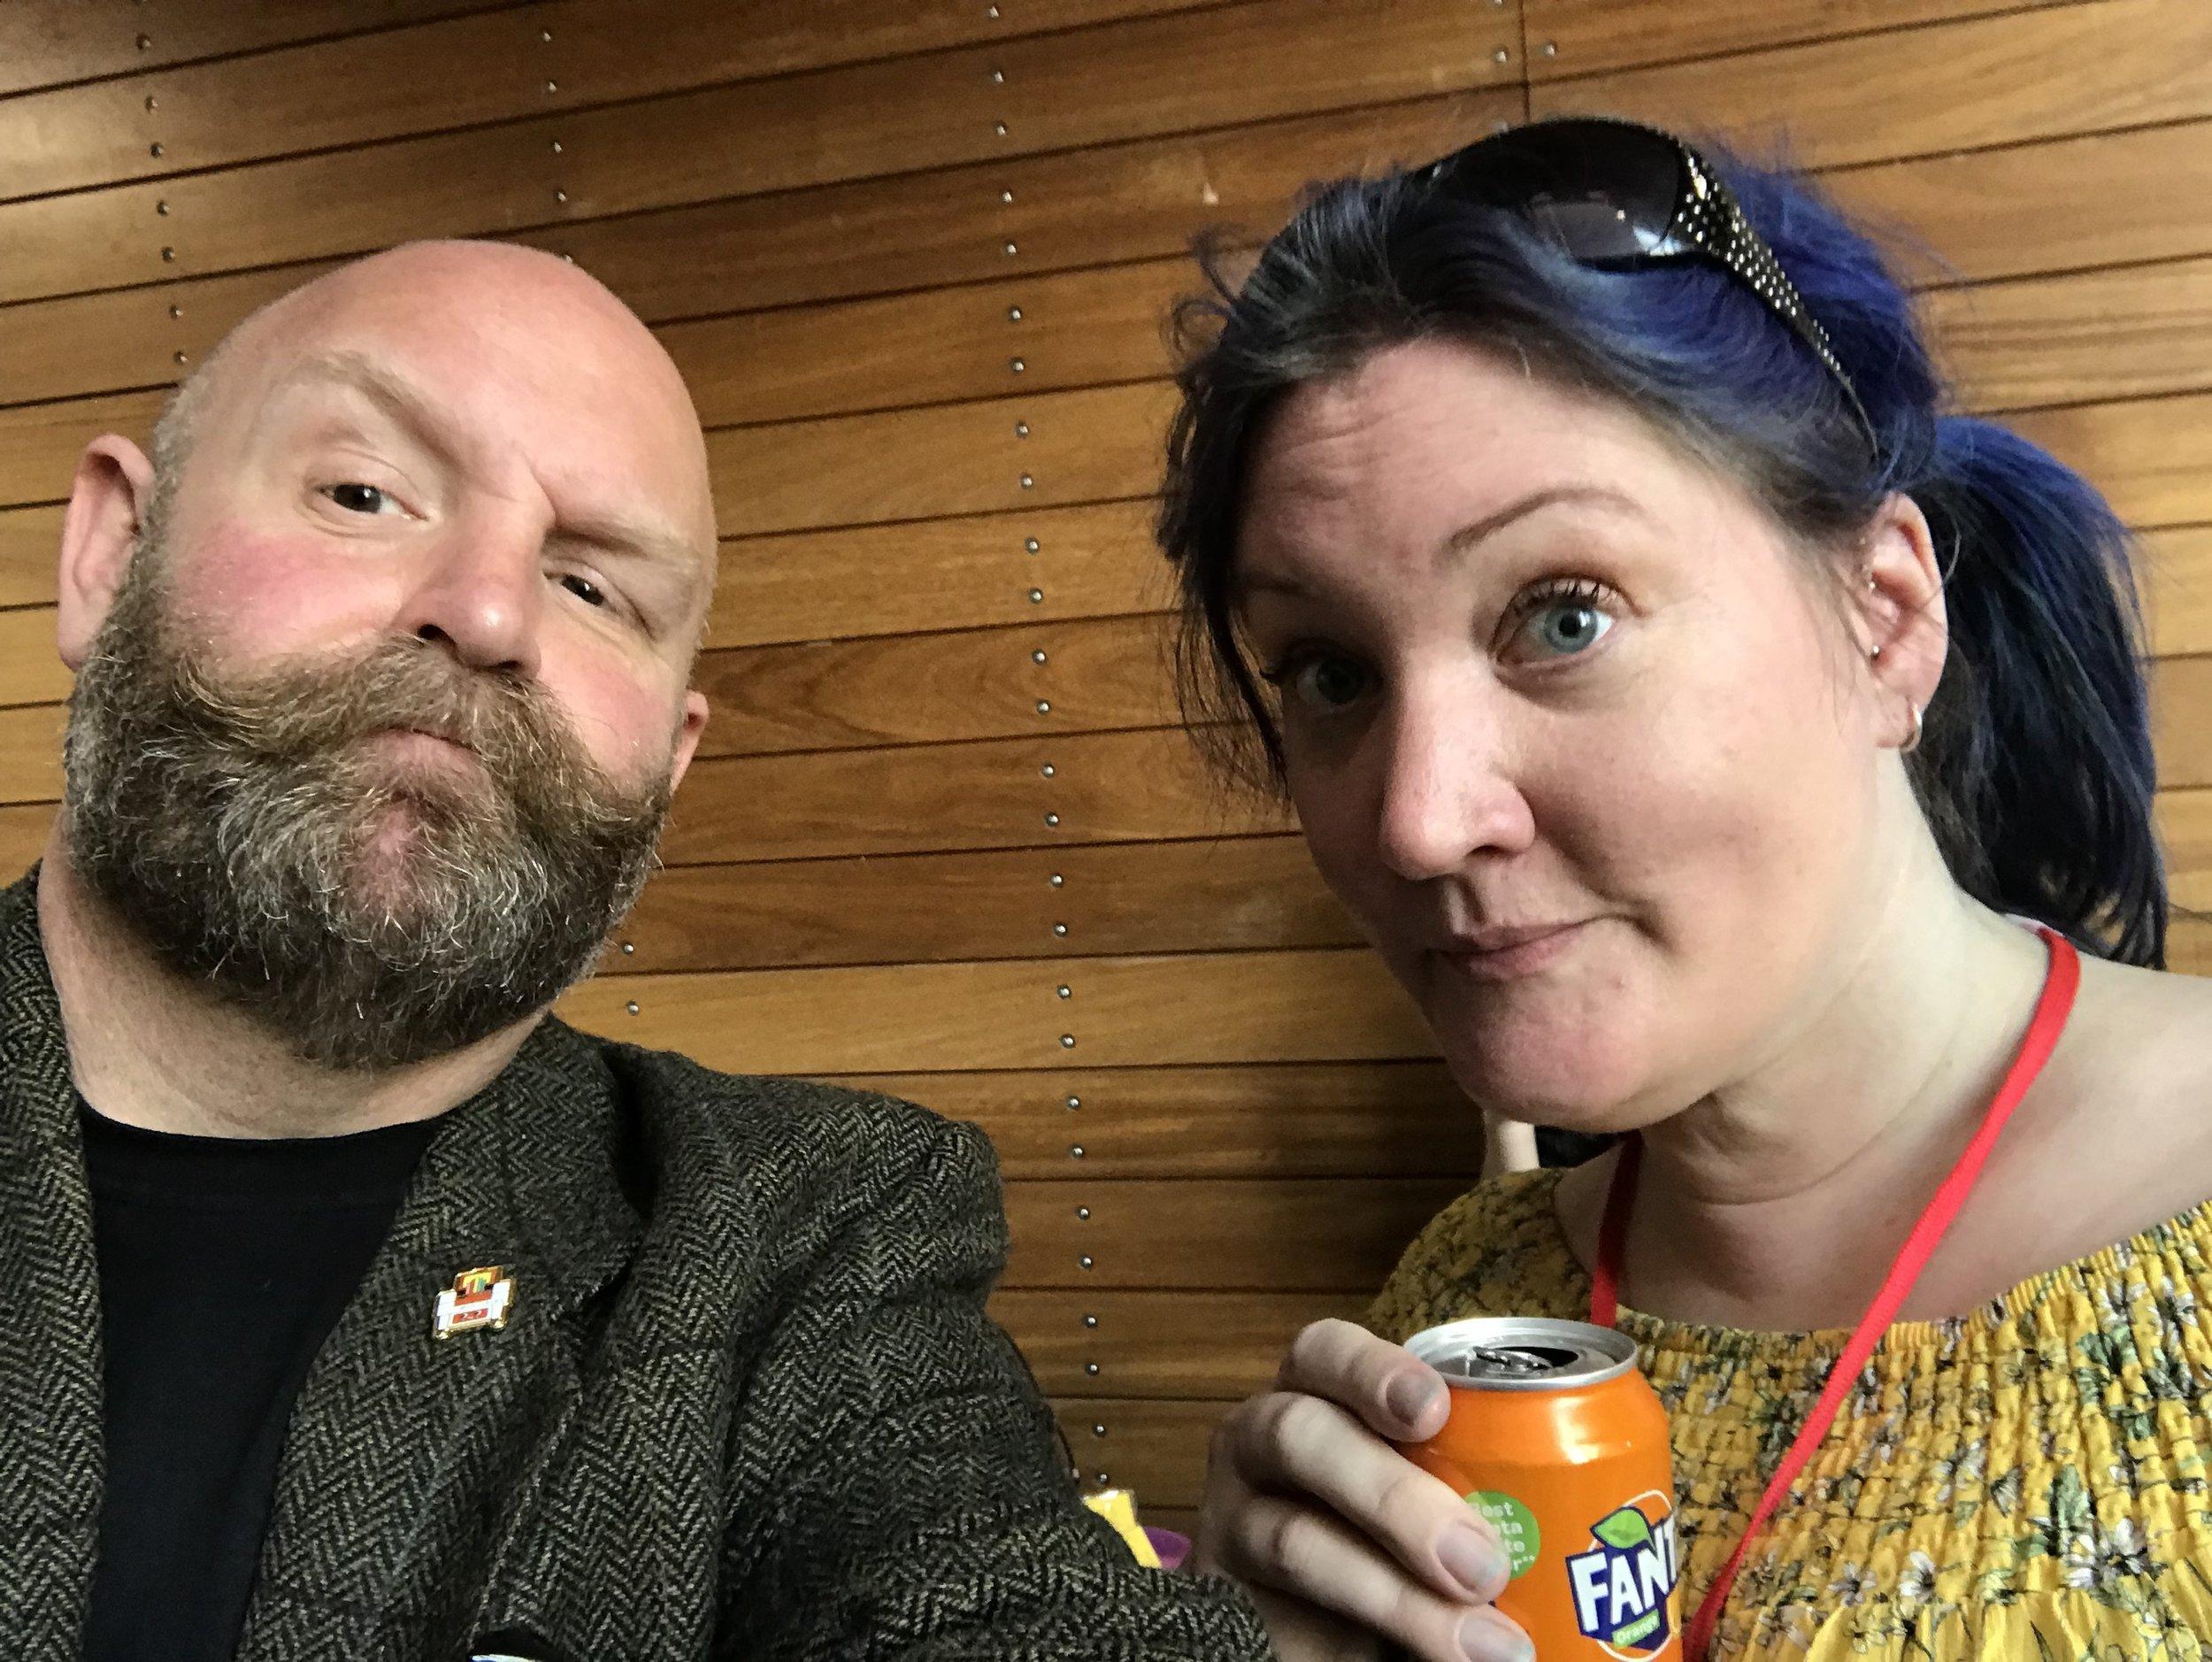 Tanya & Dominic at Pi Wars